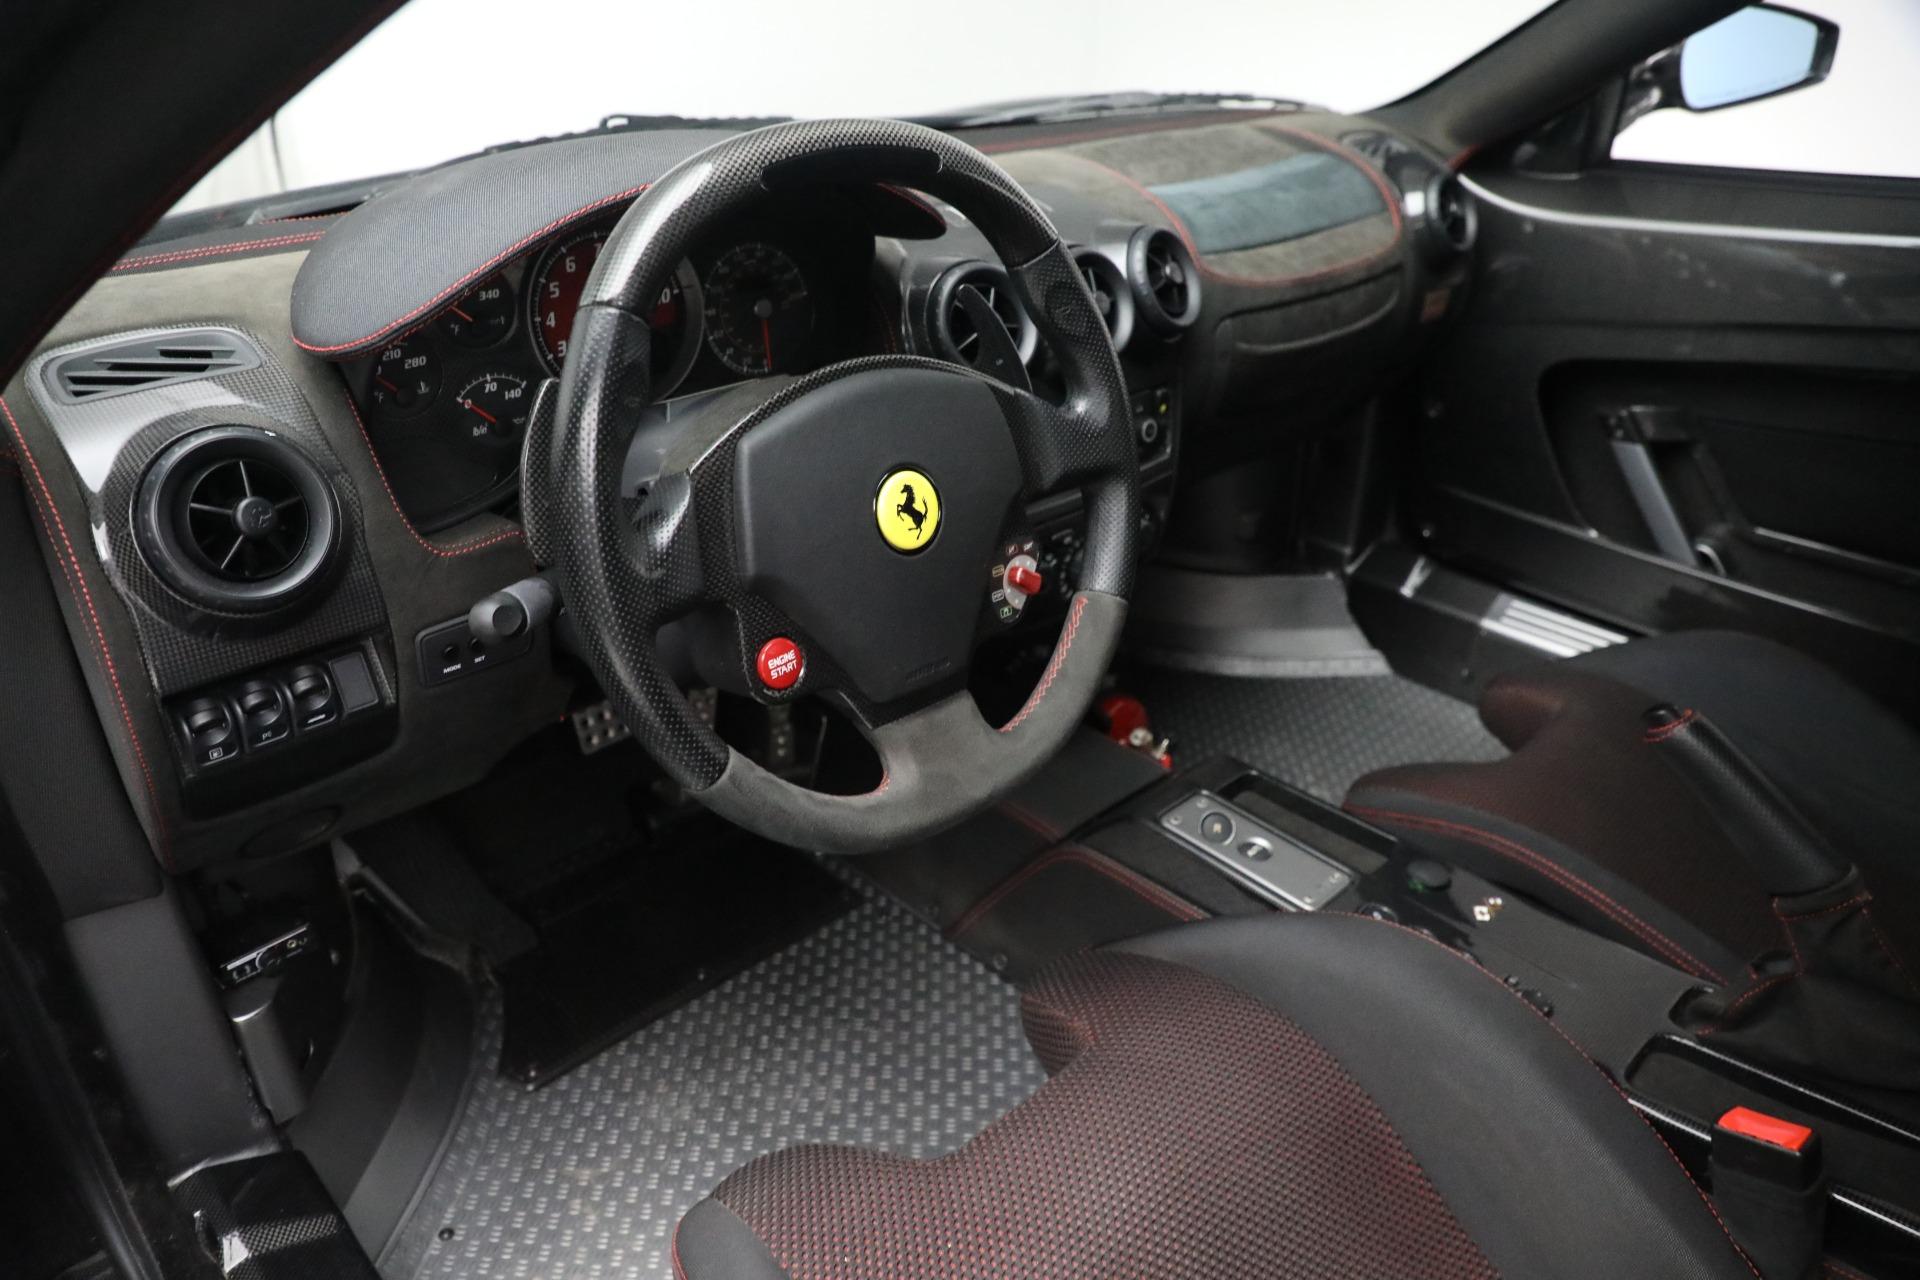 Used 2008 Ferrari 430 Scuderia For Sale 193900 In Greenwich, CT